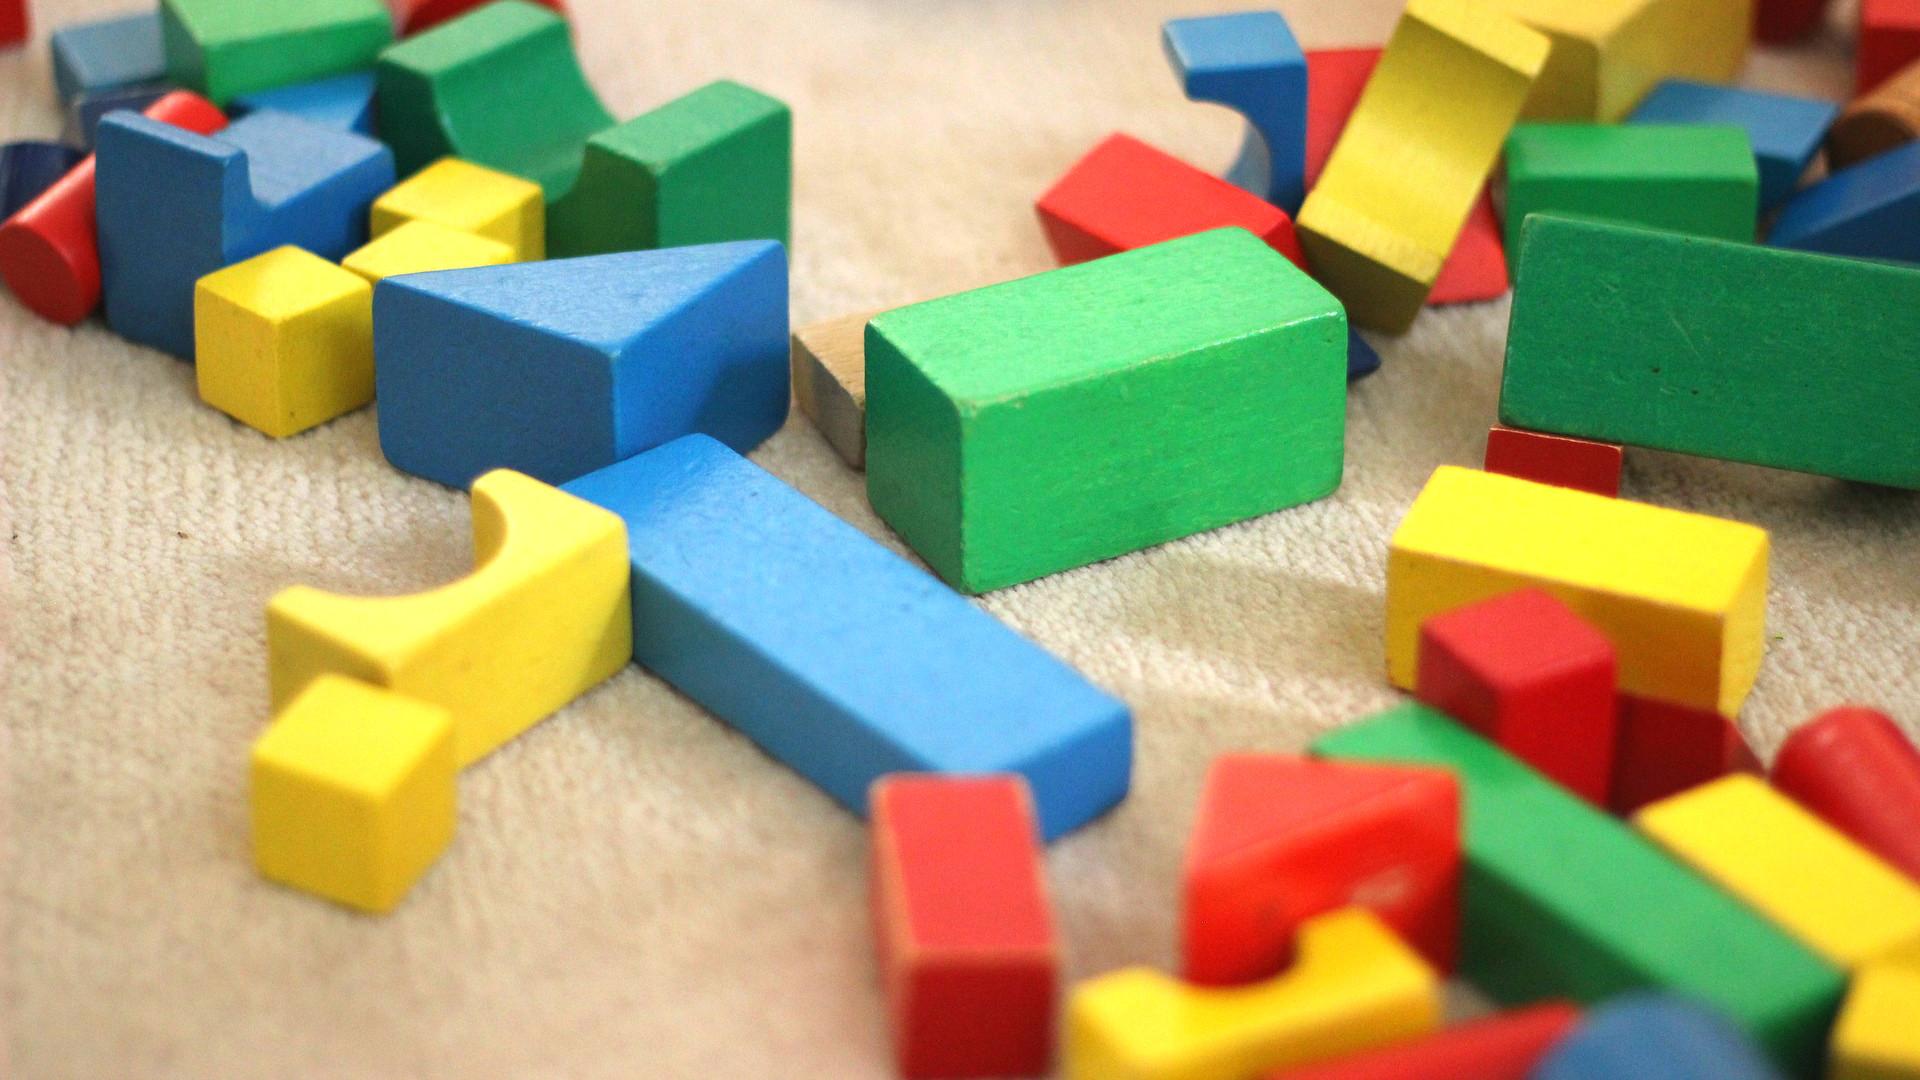 Детский сад на 80 мест построят в Балашихе в 2022 году